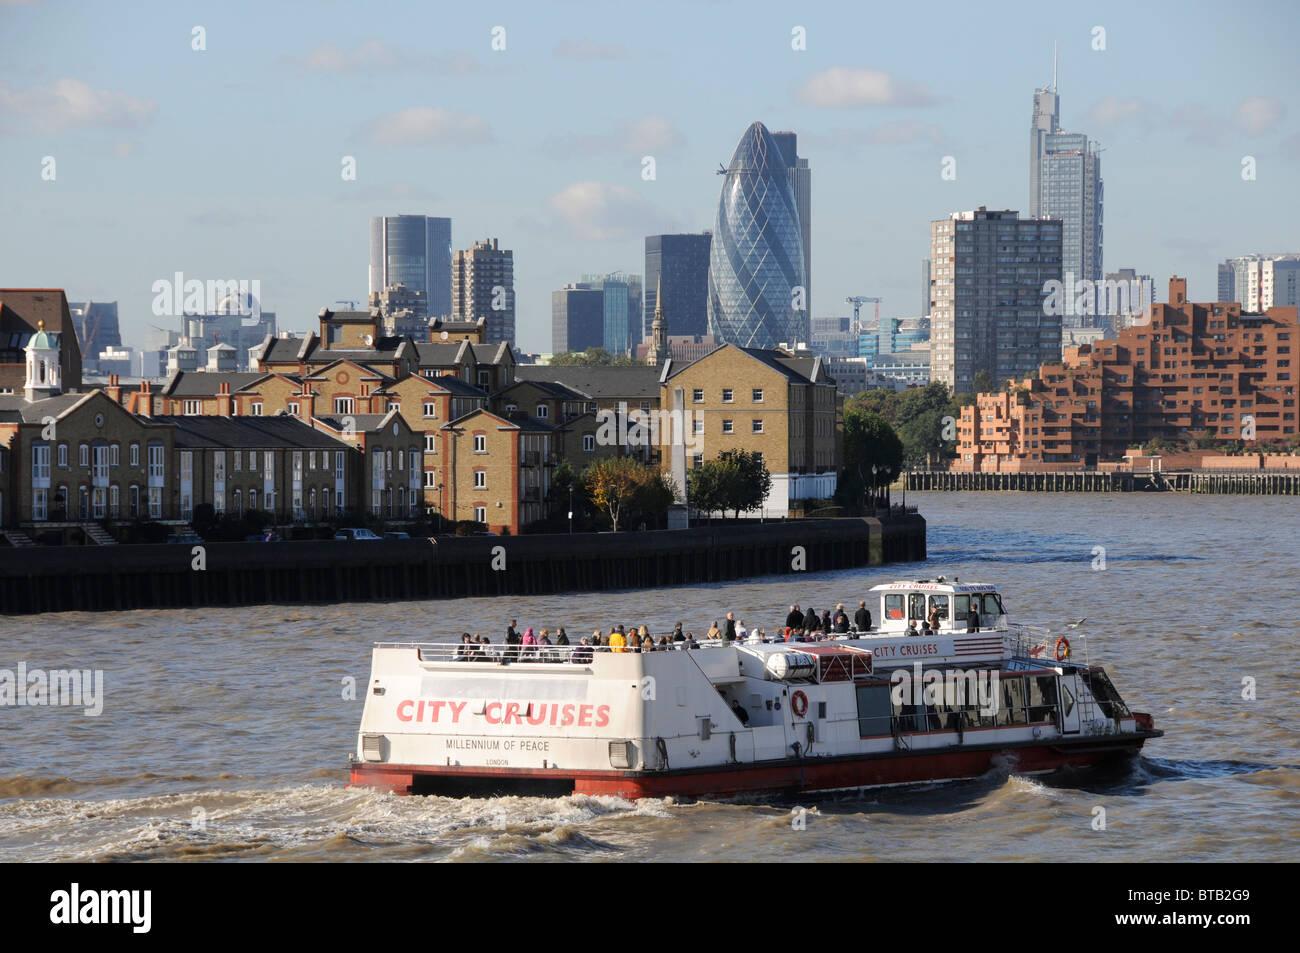 Les touristes EN FERRY LE LONG DE LA RIVIÈRE THAMES AVEC CITY DE LONDRES EN ARRIÈRE-PLAN Photo Stock